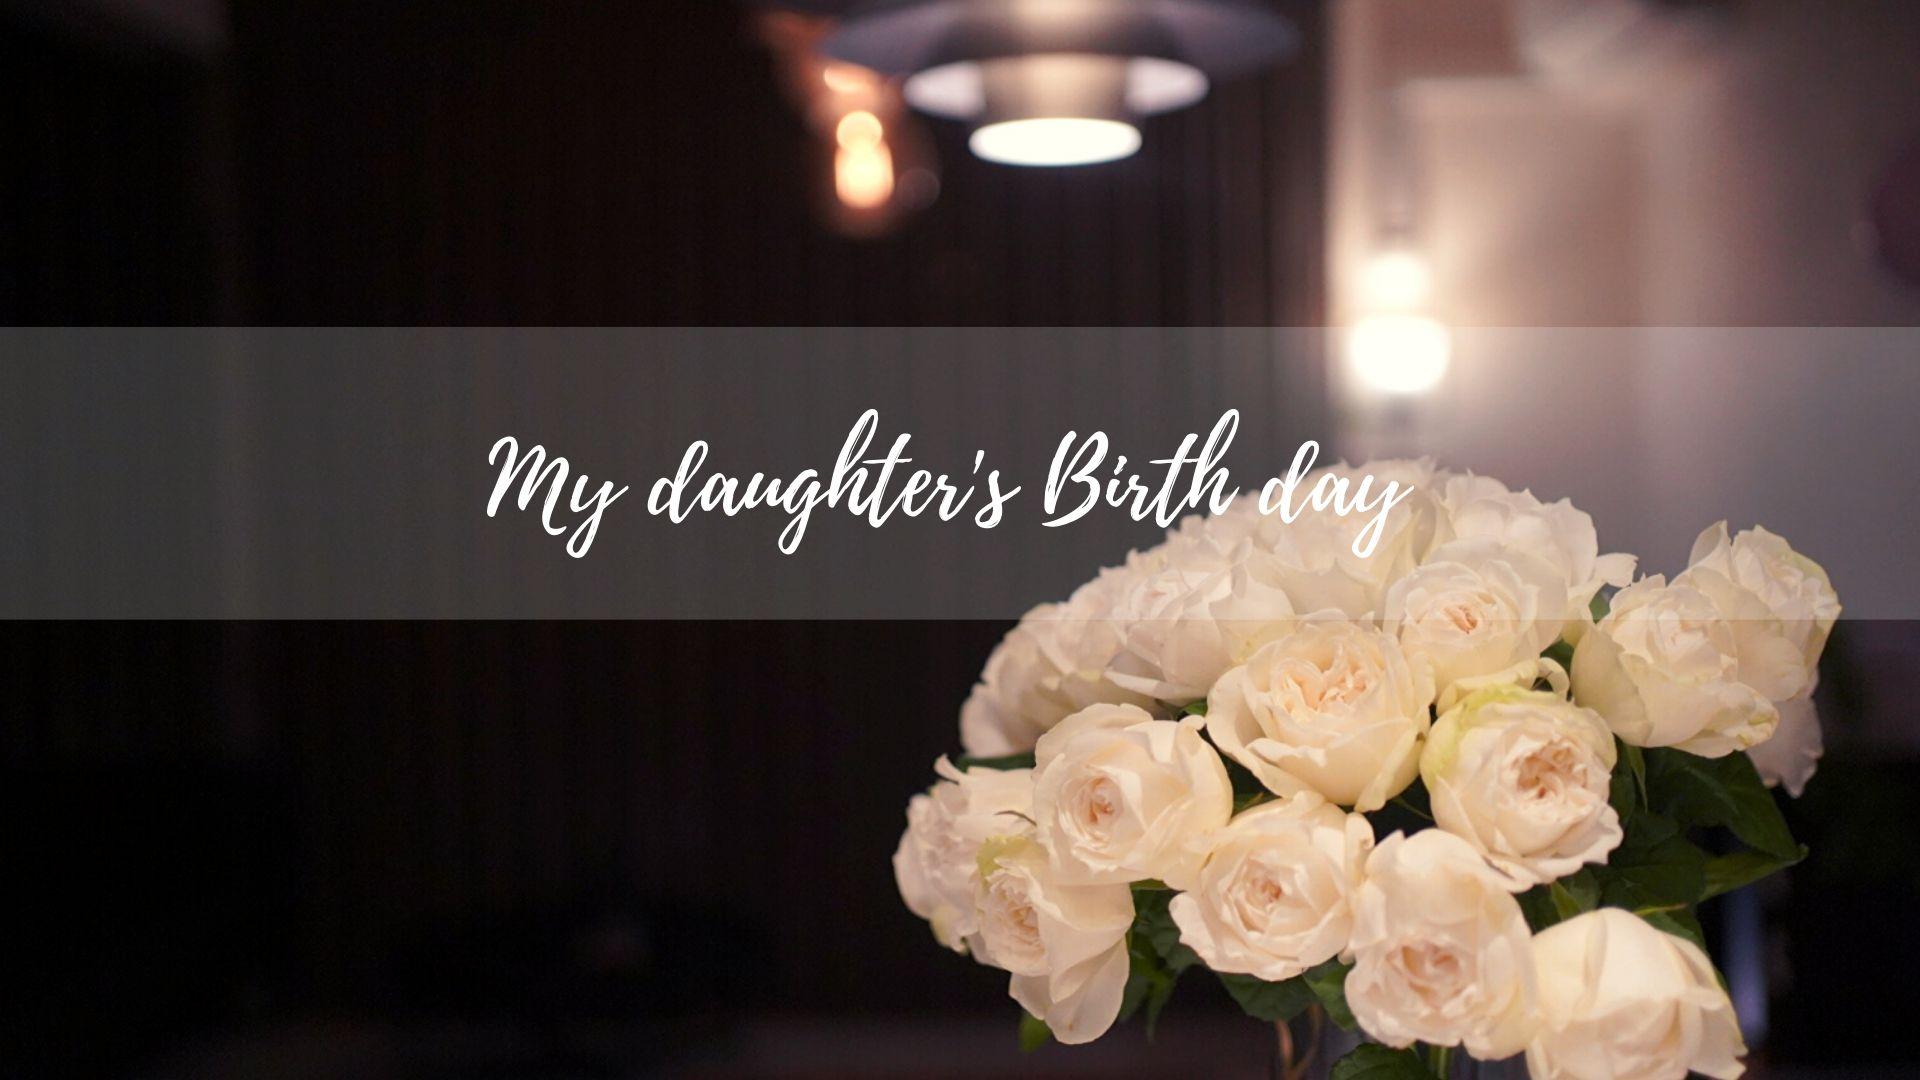 【4月4日】娘の1歳の誕生日<br>【初めての誕生日会】